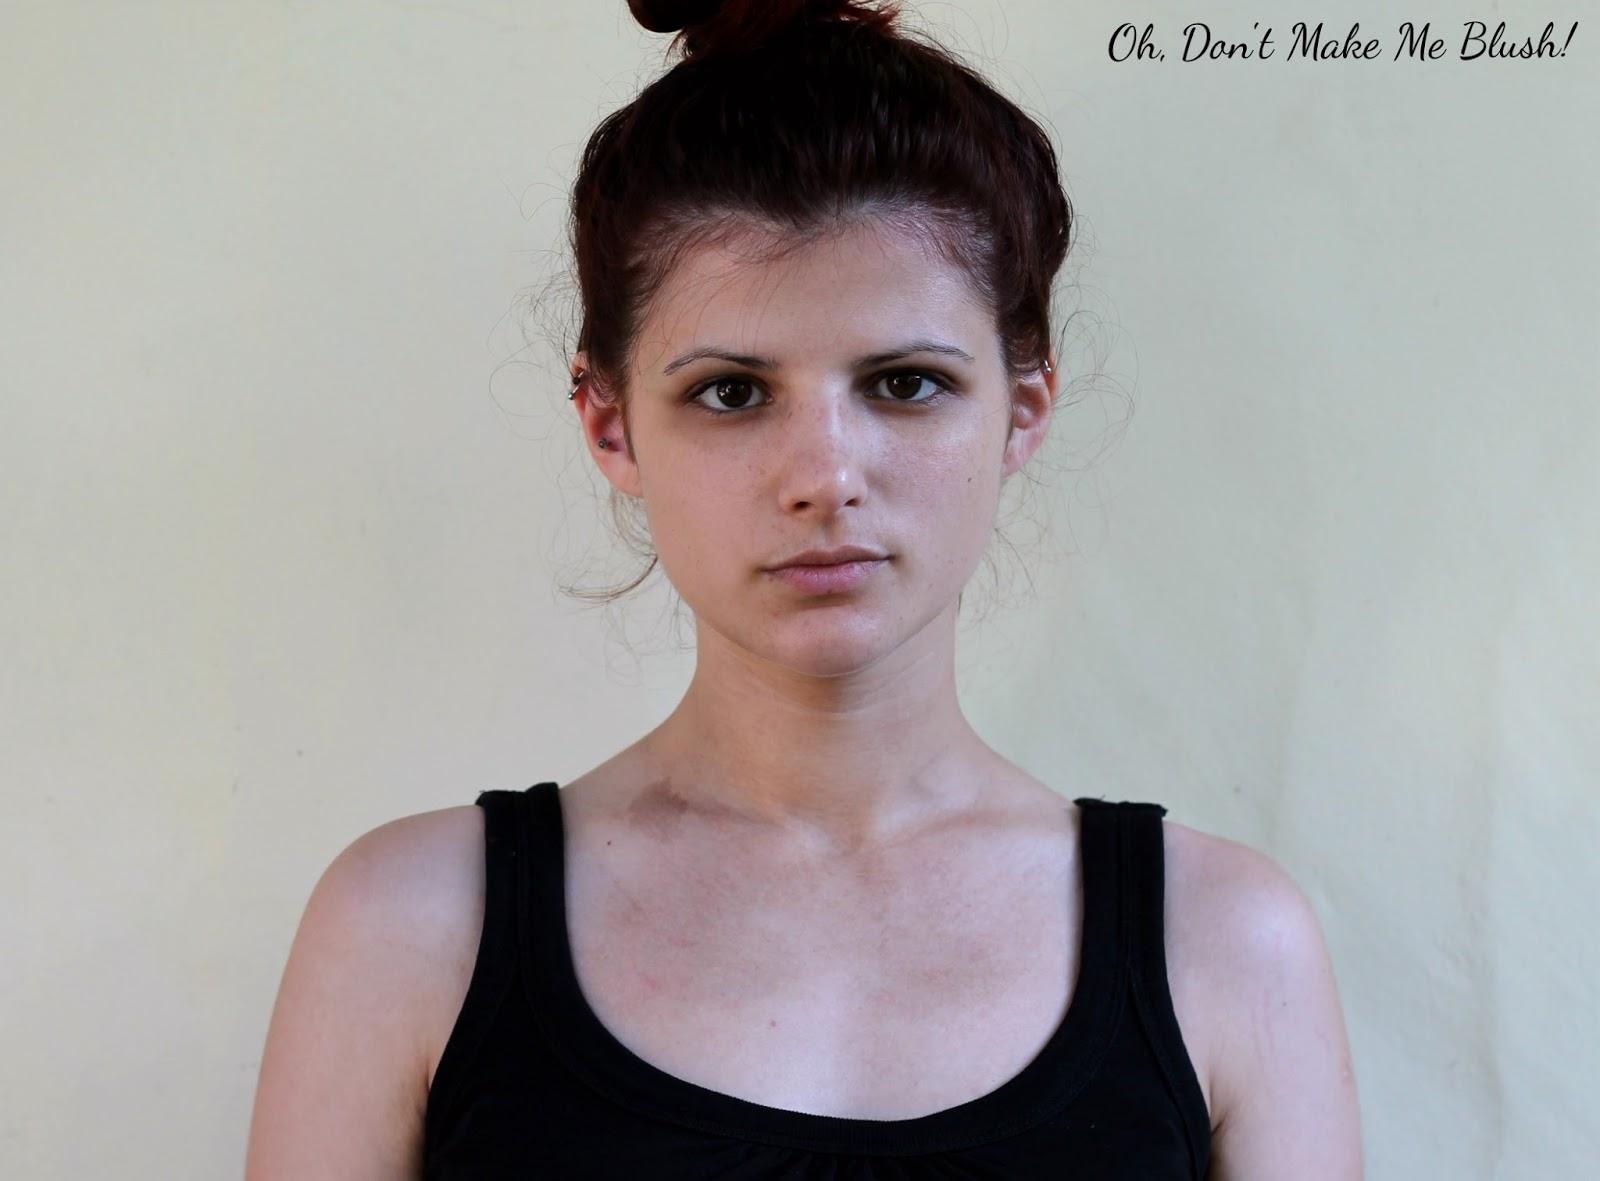 no makeup girl tumblr